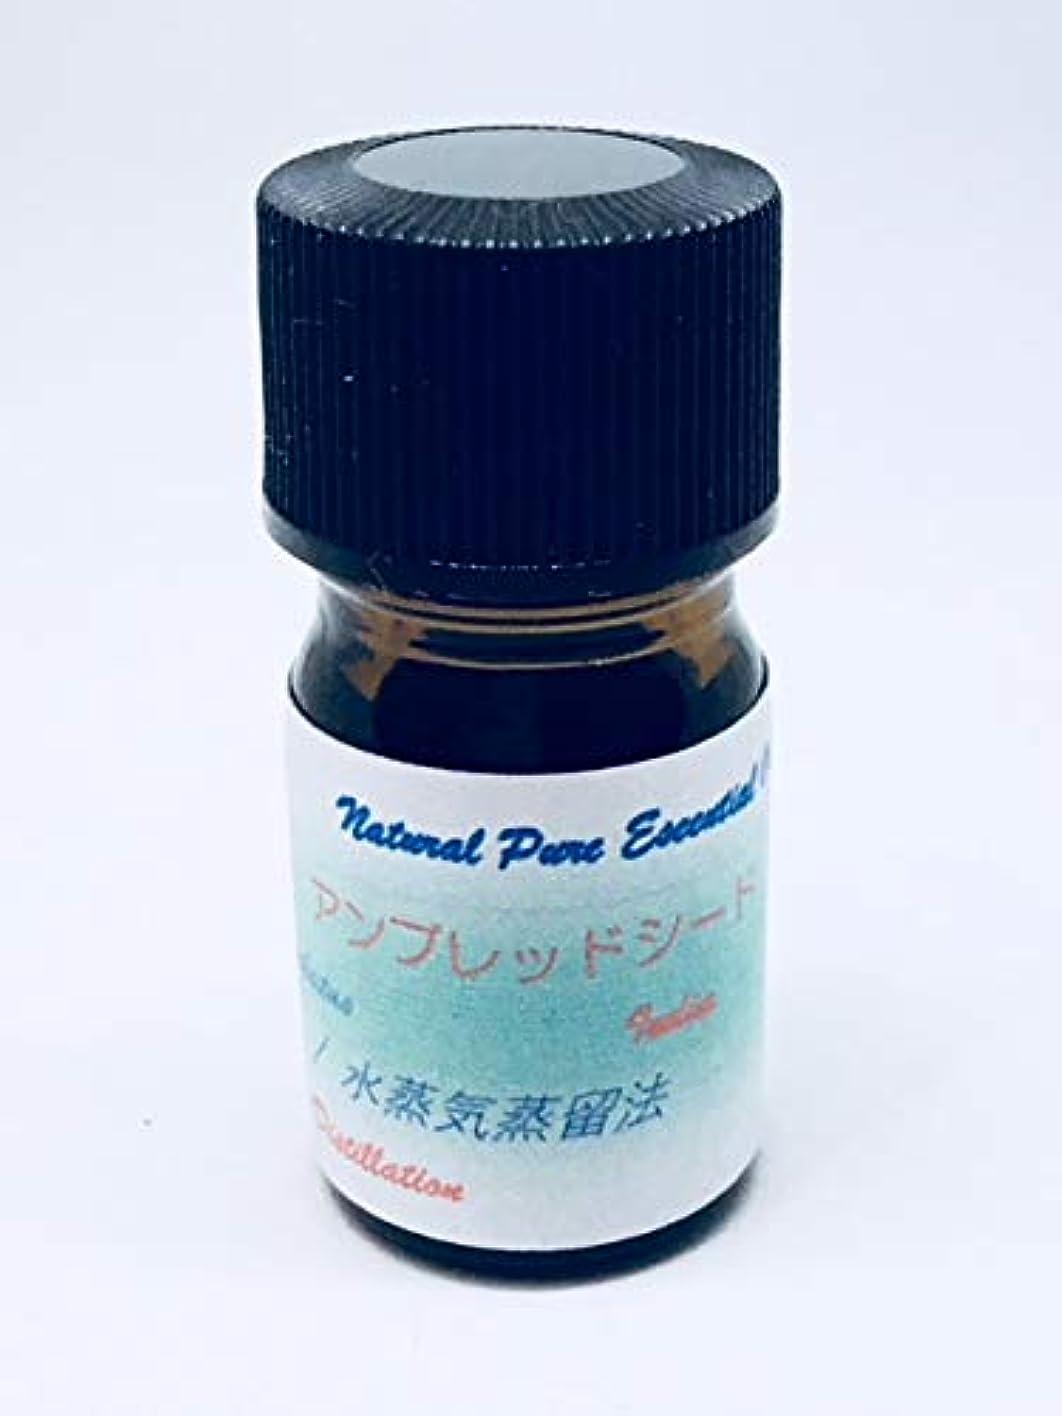 作物約束するレンダリングアンブレッドシード(植物性ムスク)精油 10ml100%ピュアエッセンシャル